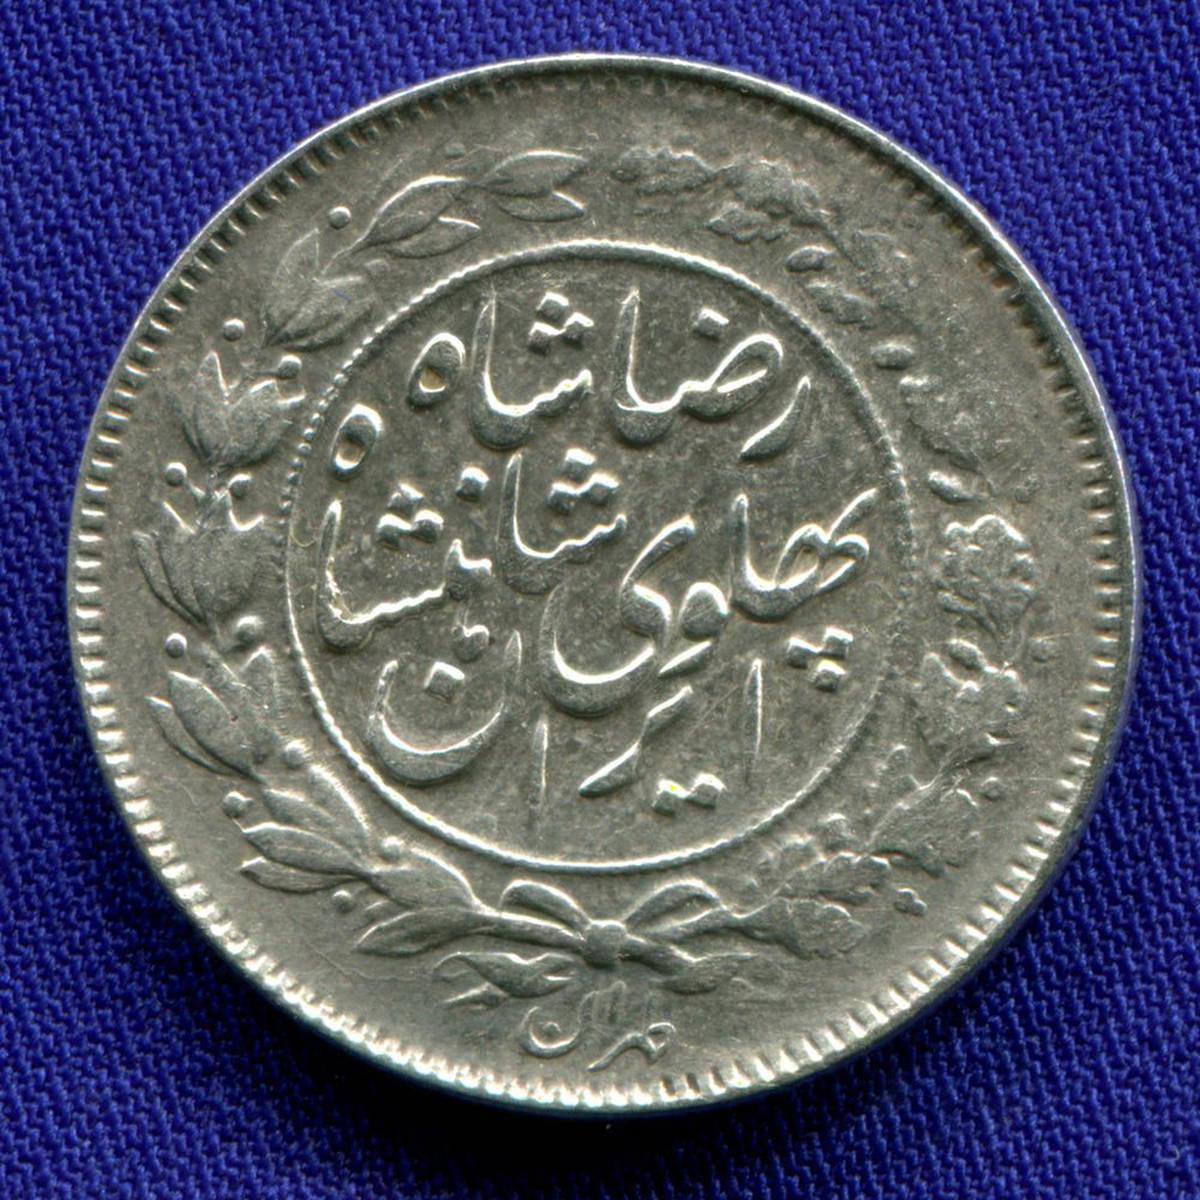 воспользуемся монеты ирана фото могилеве так